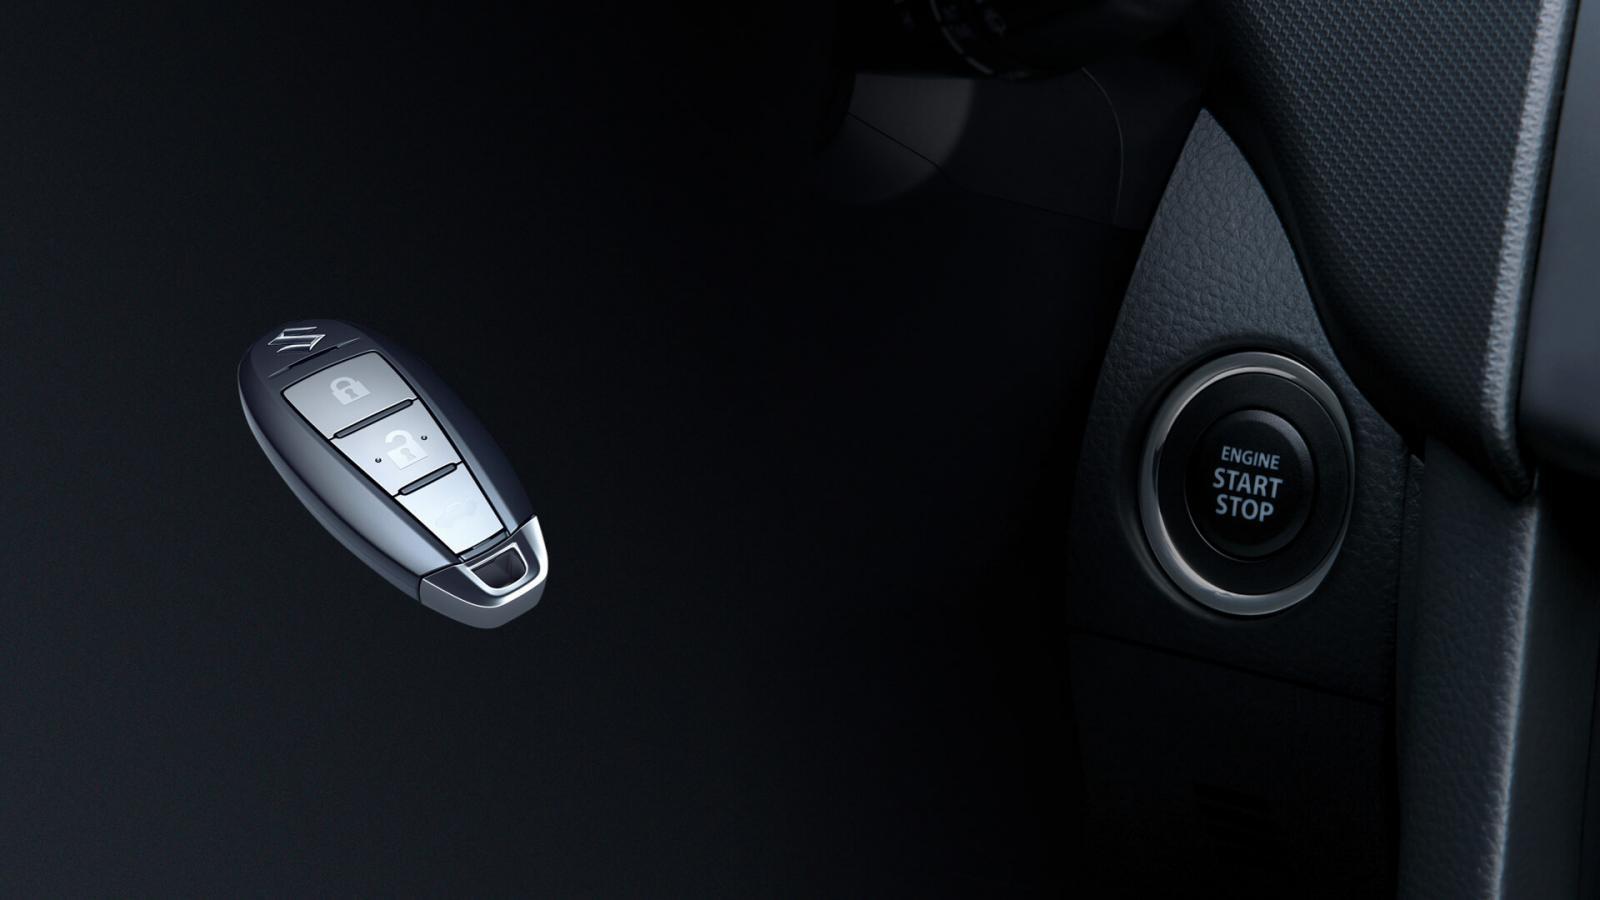 Suzuki Vitara Boosterjet All Grip 2020 resena opiniones Es fácil acostumbrarse a su habitáculo debido a su buen nivel de confort y practicidad